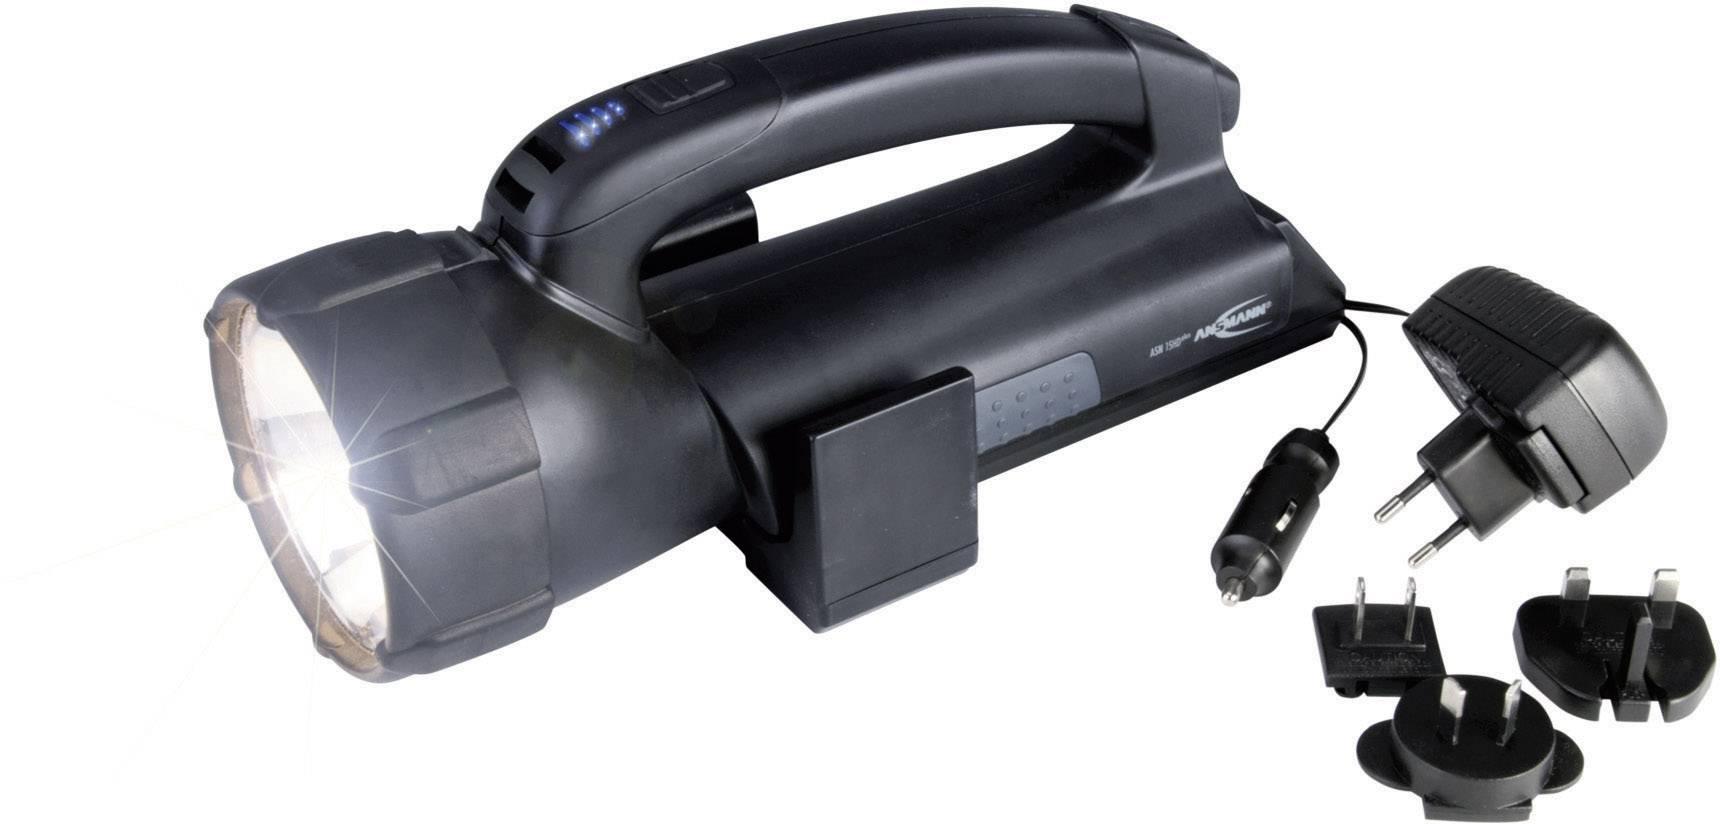 ansmann 5102143 cordless handheld searchlight asn 15hd plus black hv halogen led 6 h. Black Bedroom Furniture Sets. Home Design Ideas